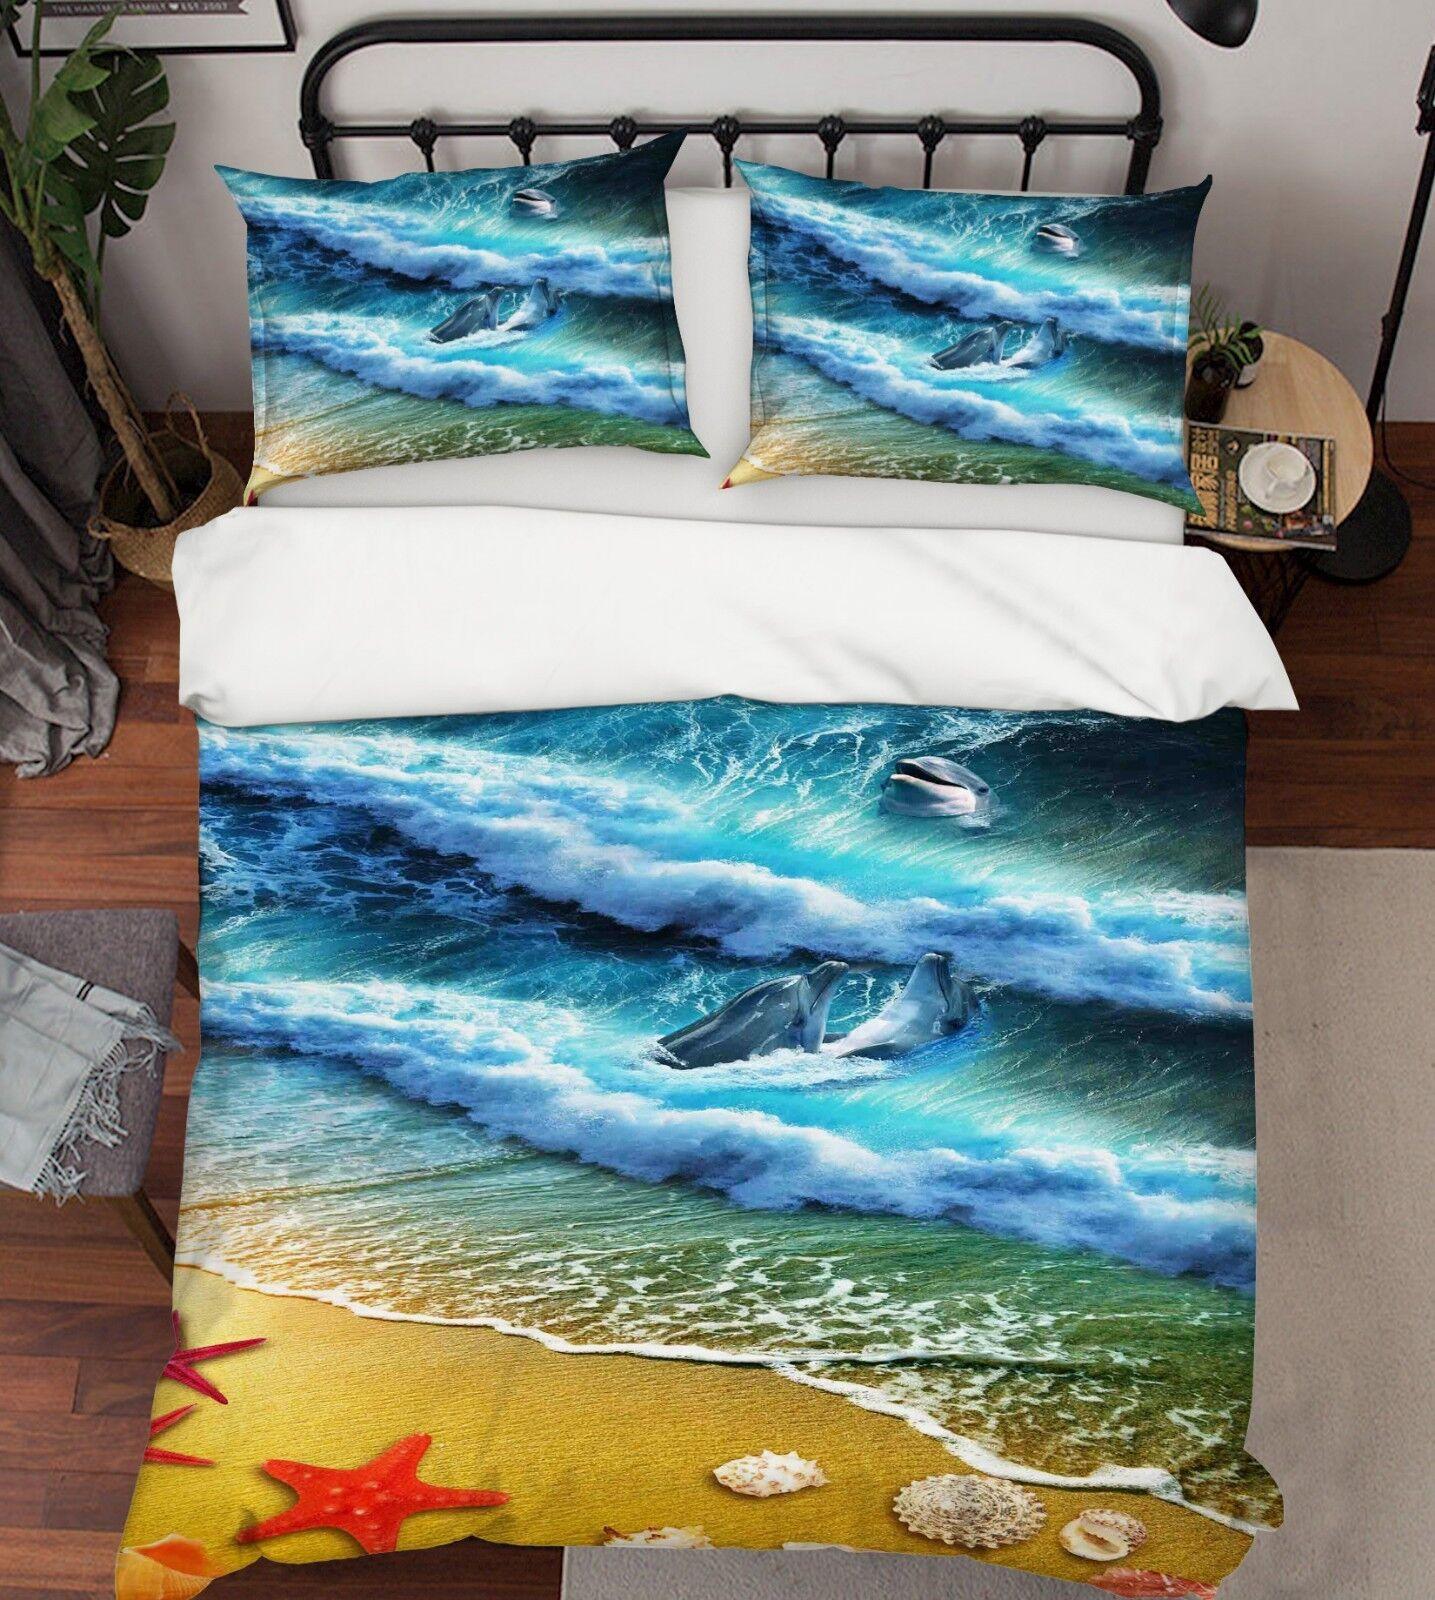 3-D Strand Delfine 1 Bett Kissenbez 0a5330d0d0d0d0d0d0d0d0d0d0d0d0d0d0d0d0d0d0d0d0d0d0d0d0d0d0d0d0d0d0d0d0dnigin DE